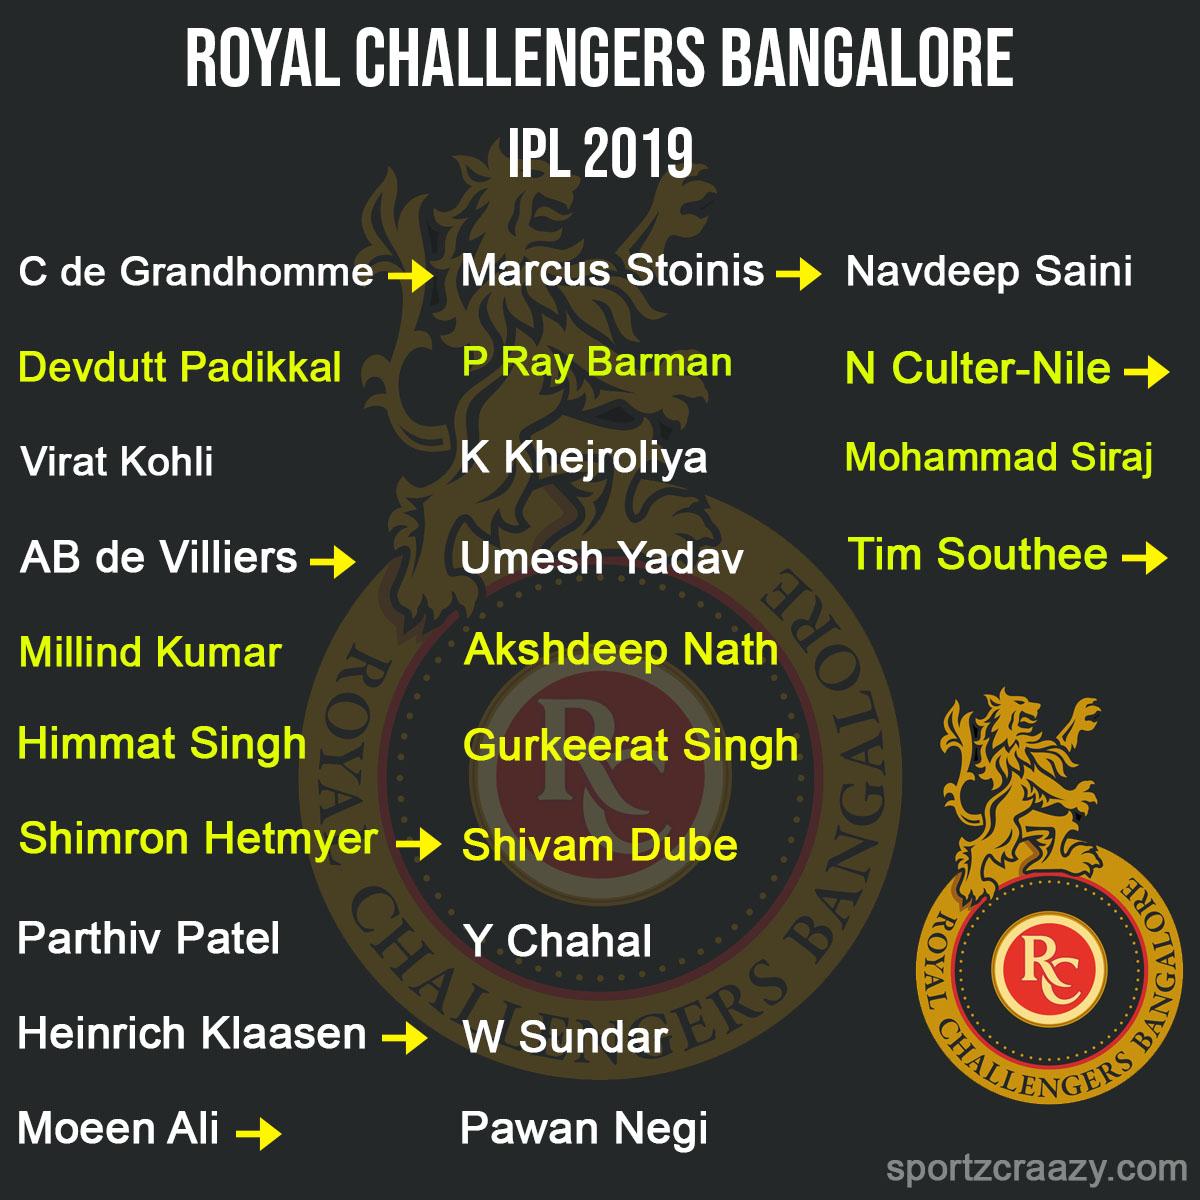 ROYAL CHALLENGER BANGLORE